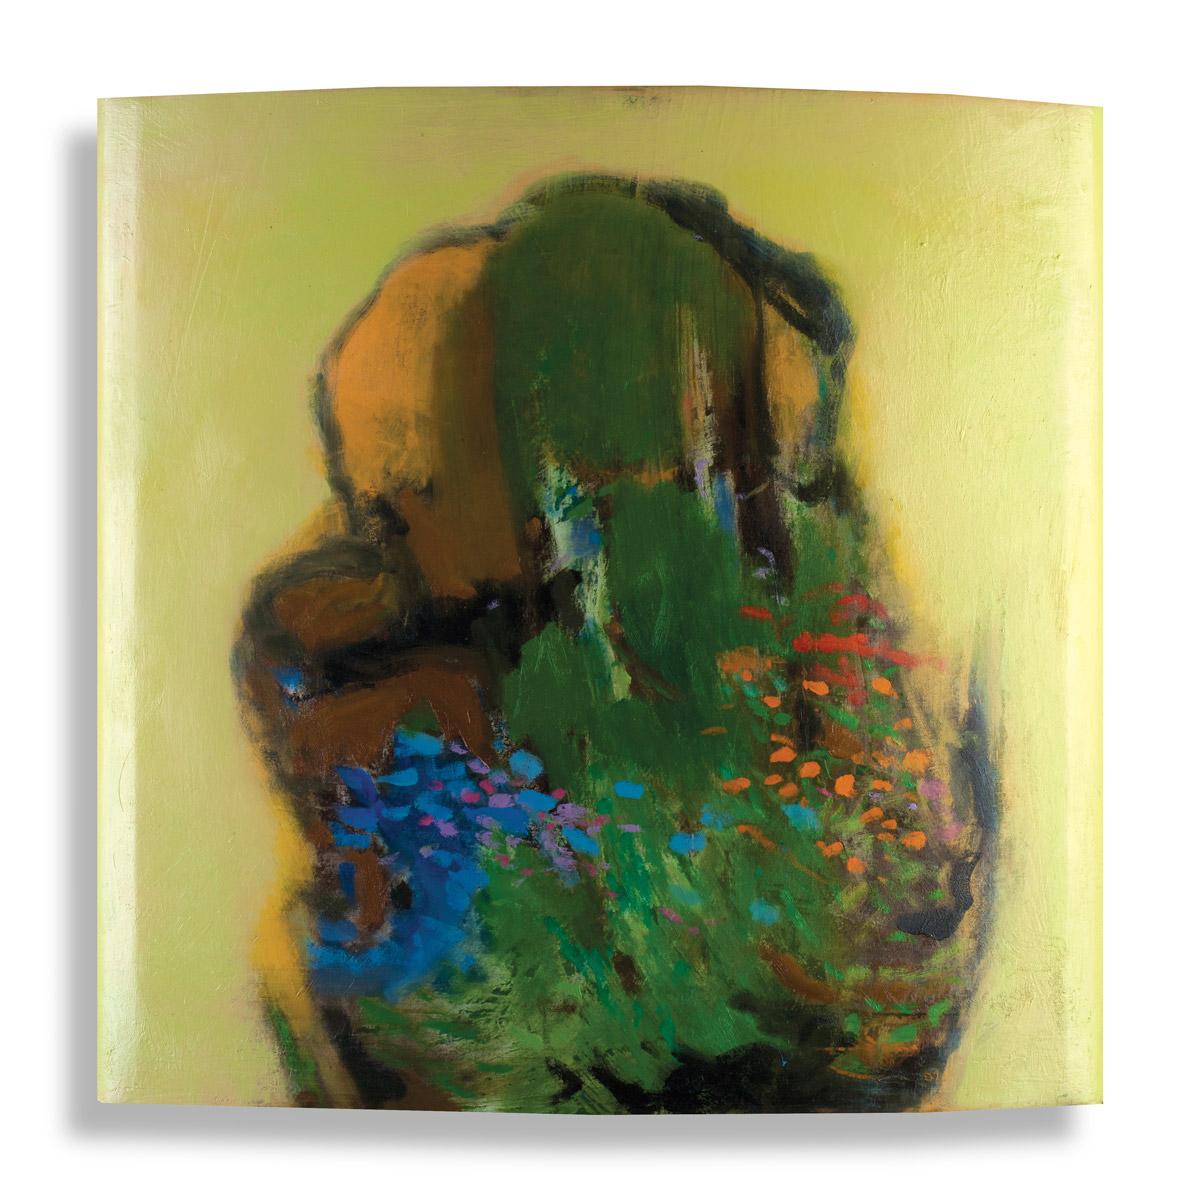 rashid al khalifa artwork 2002